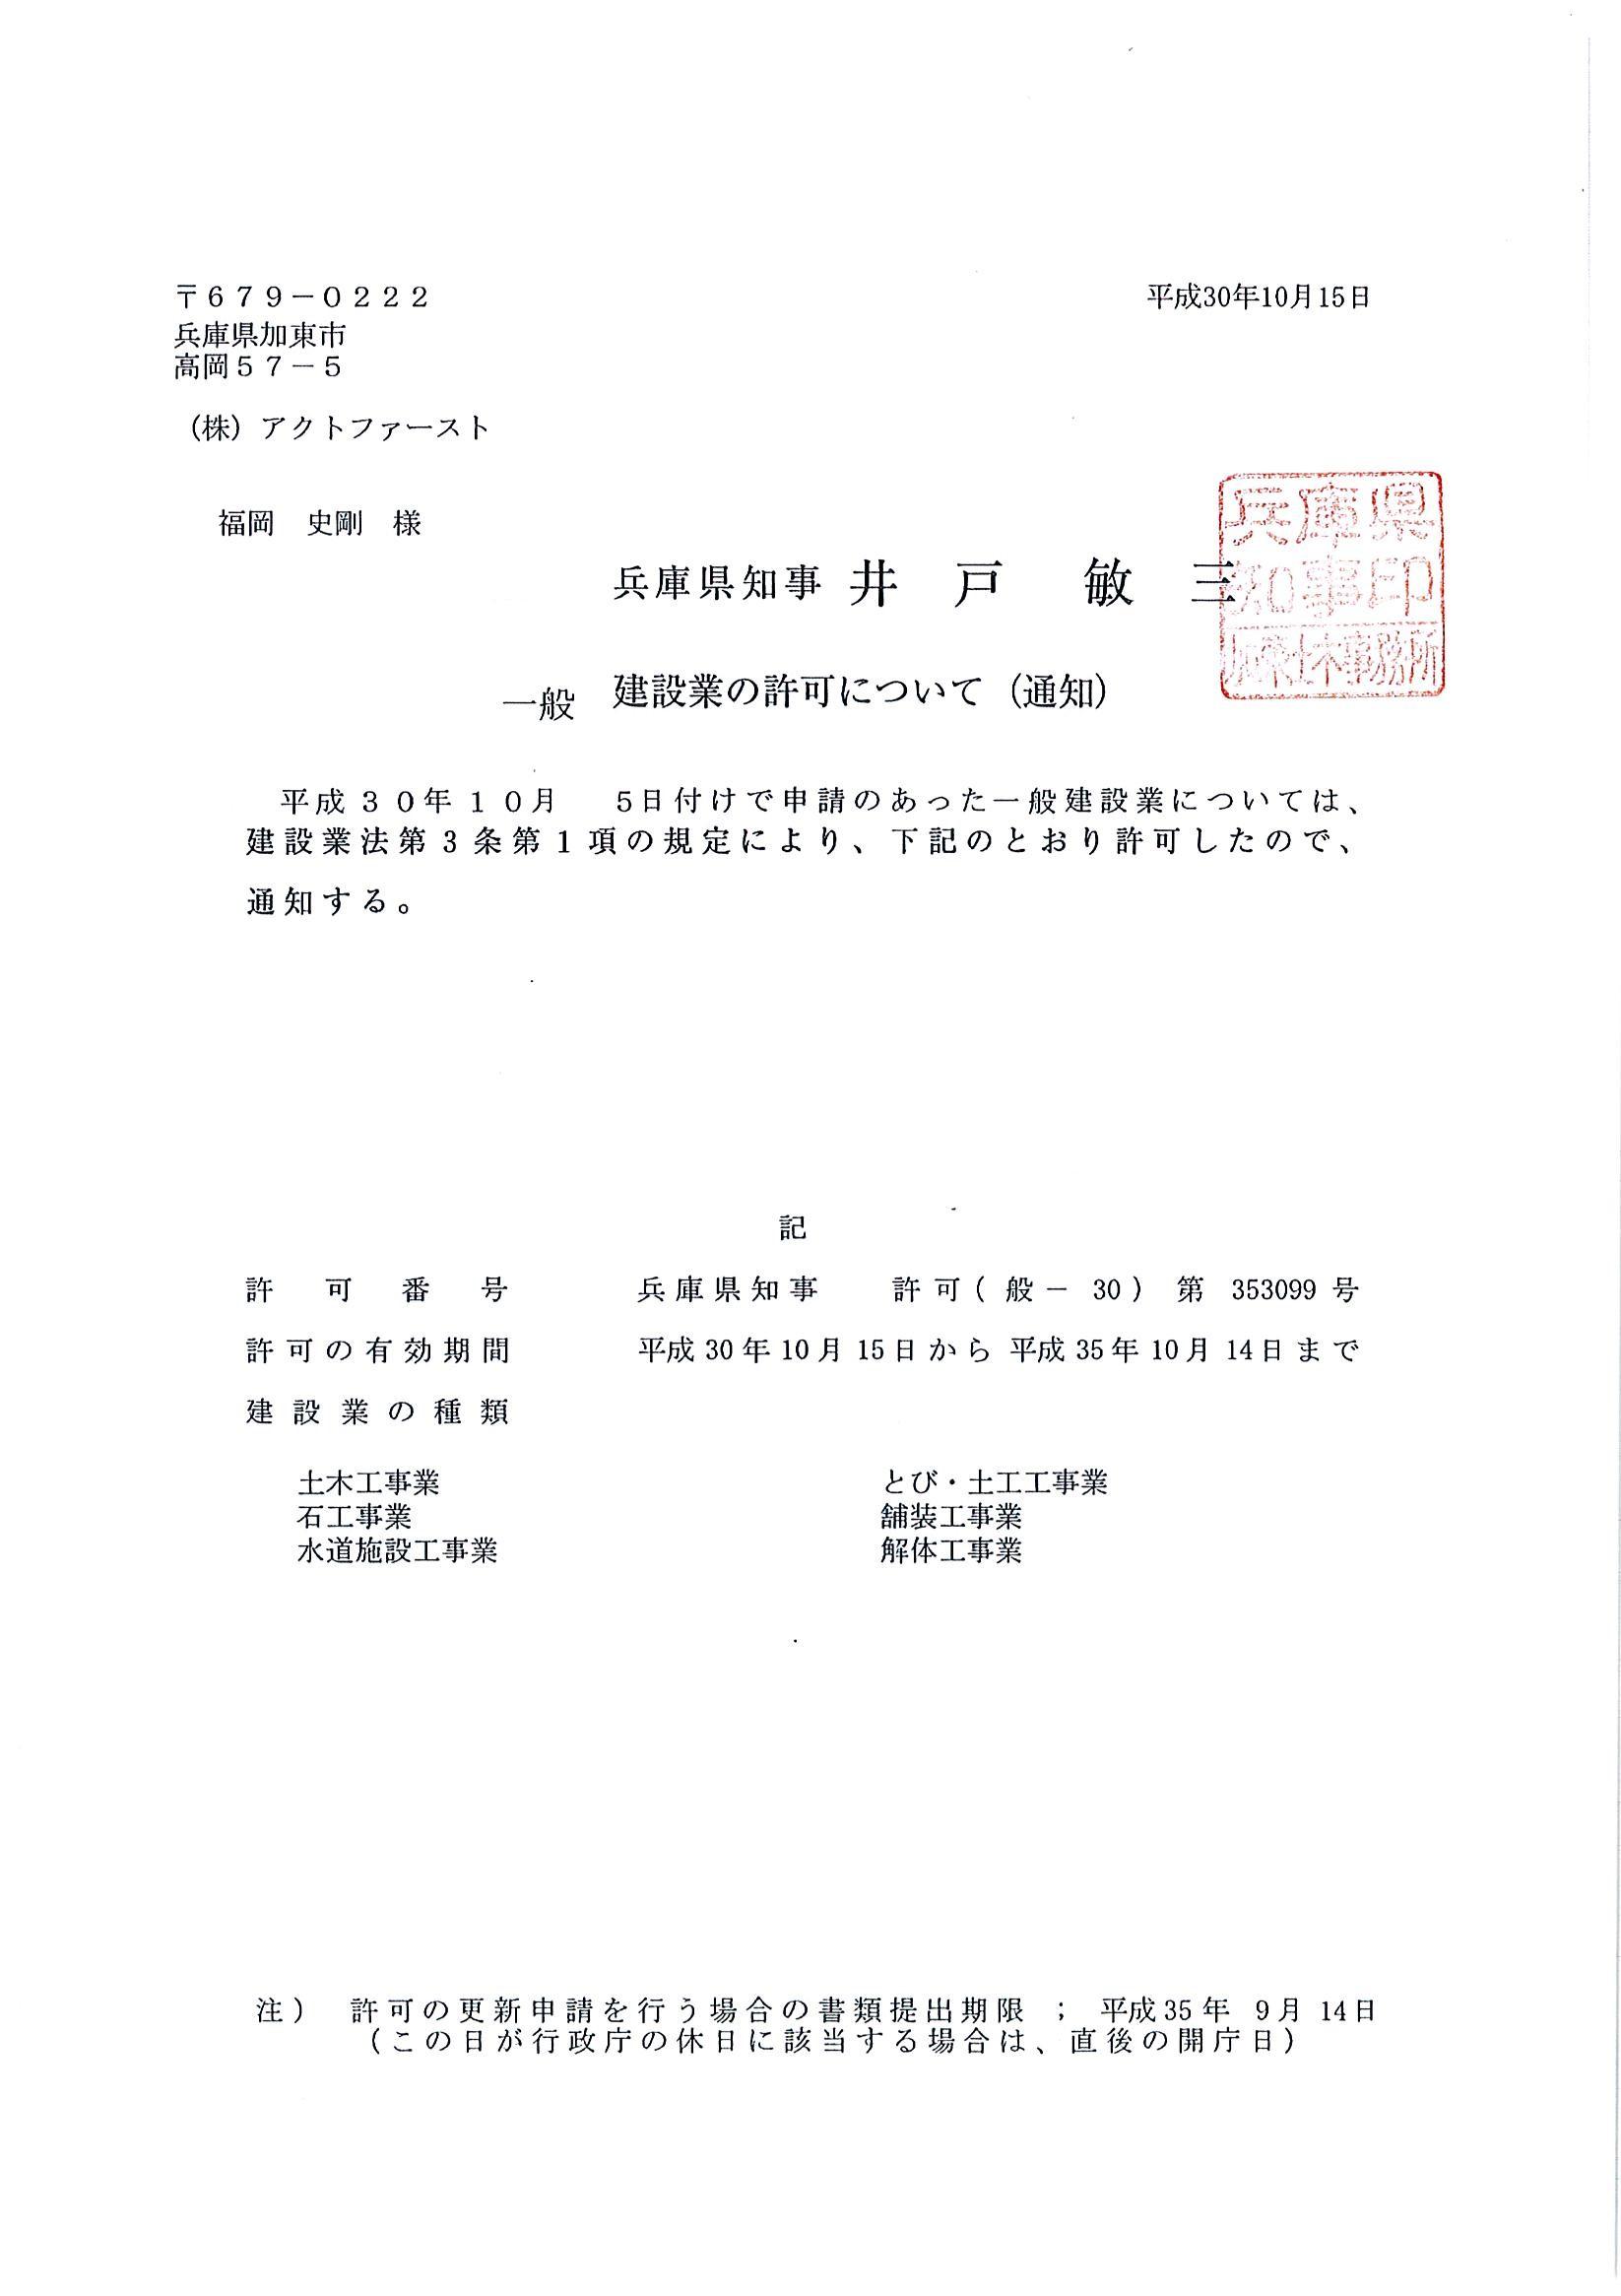 兵庫県知事 許可 (般-25) 第 353099 号 建設業許可証